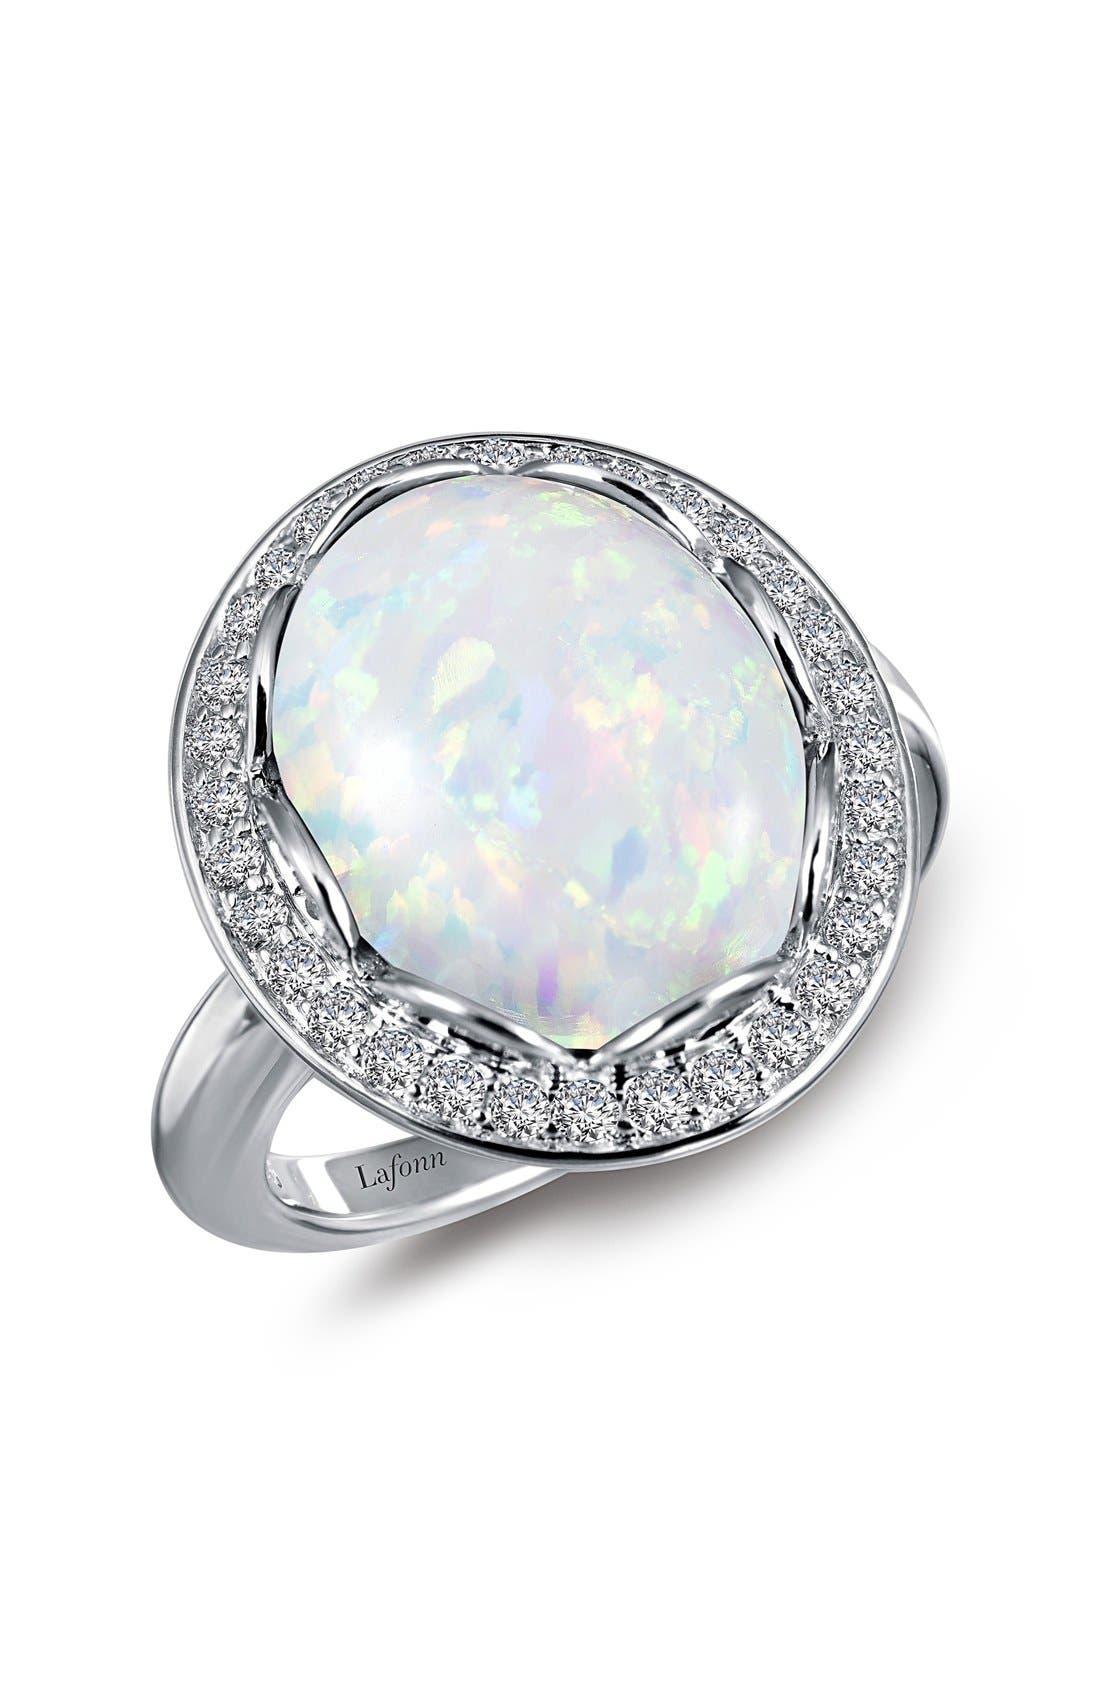 Simulated Opal Halo Ring,                             Main thumbnail 1, color,                             040